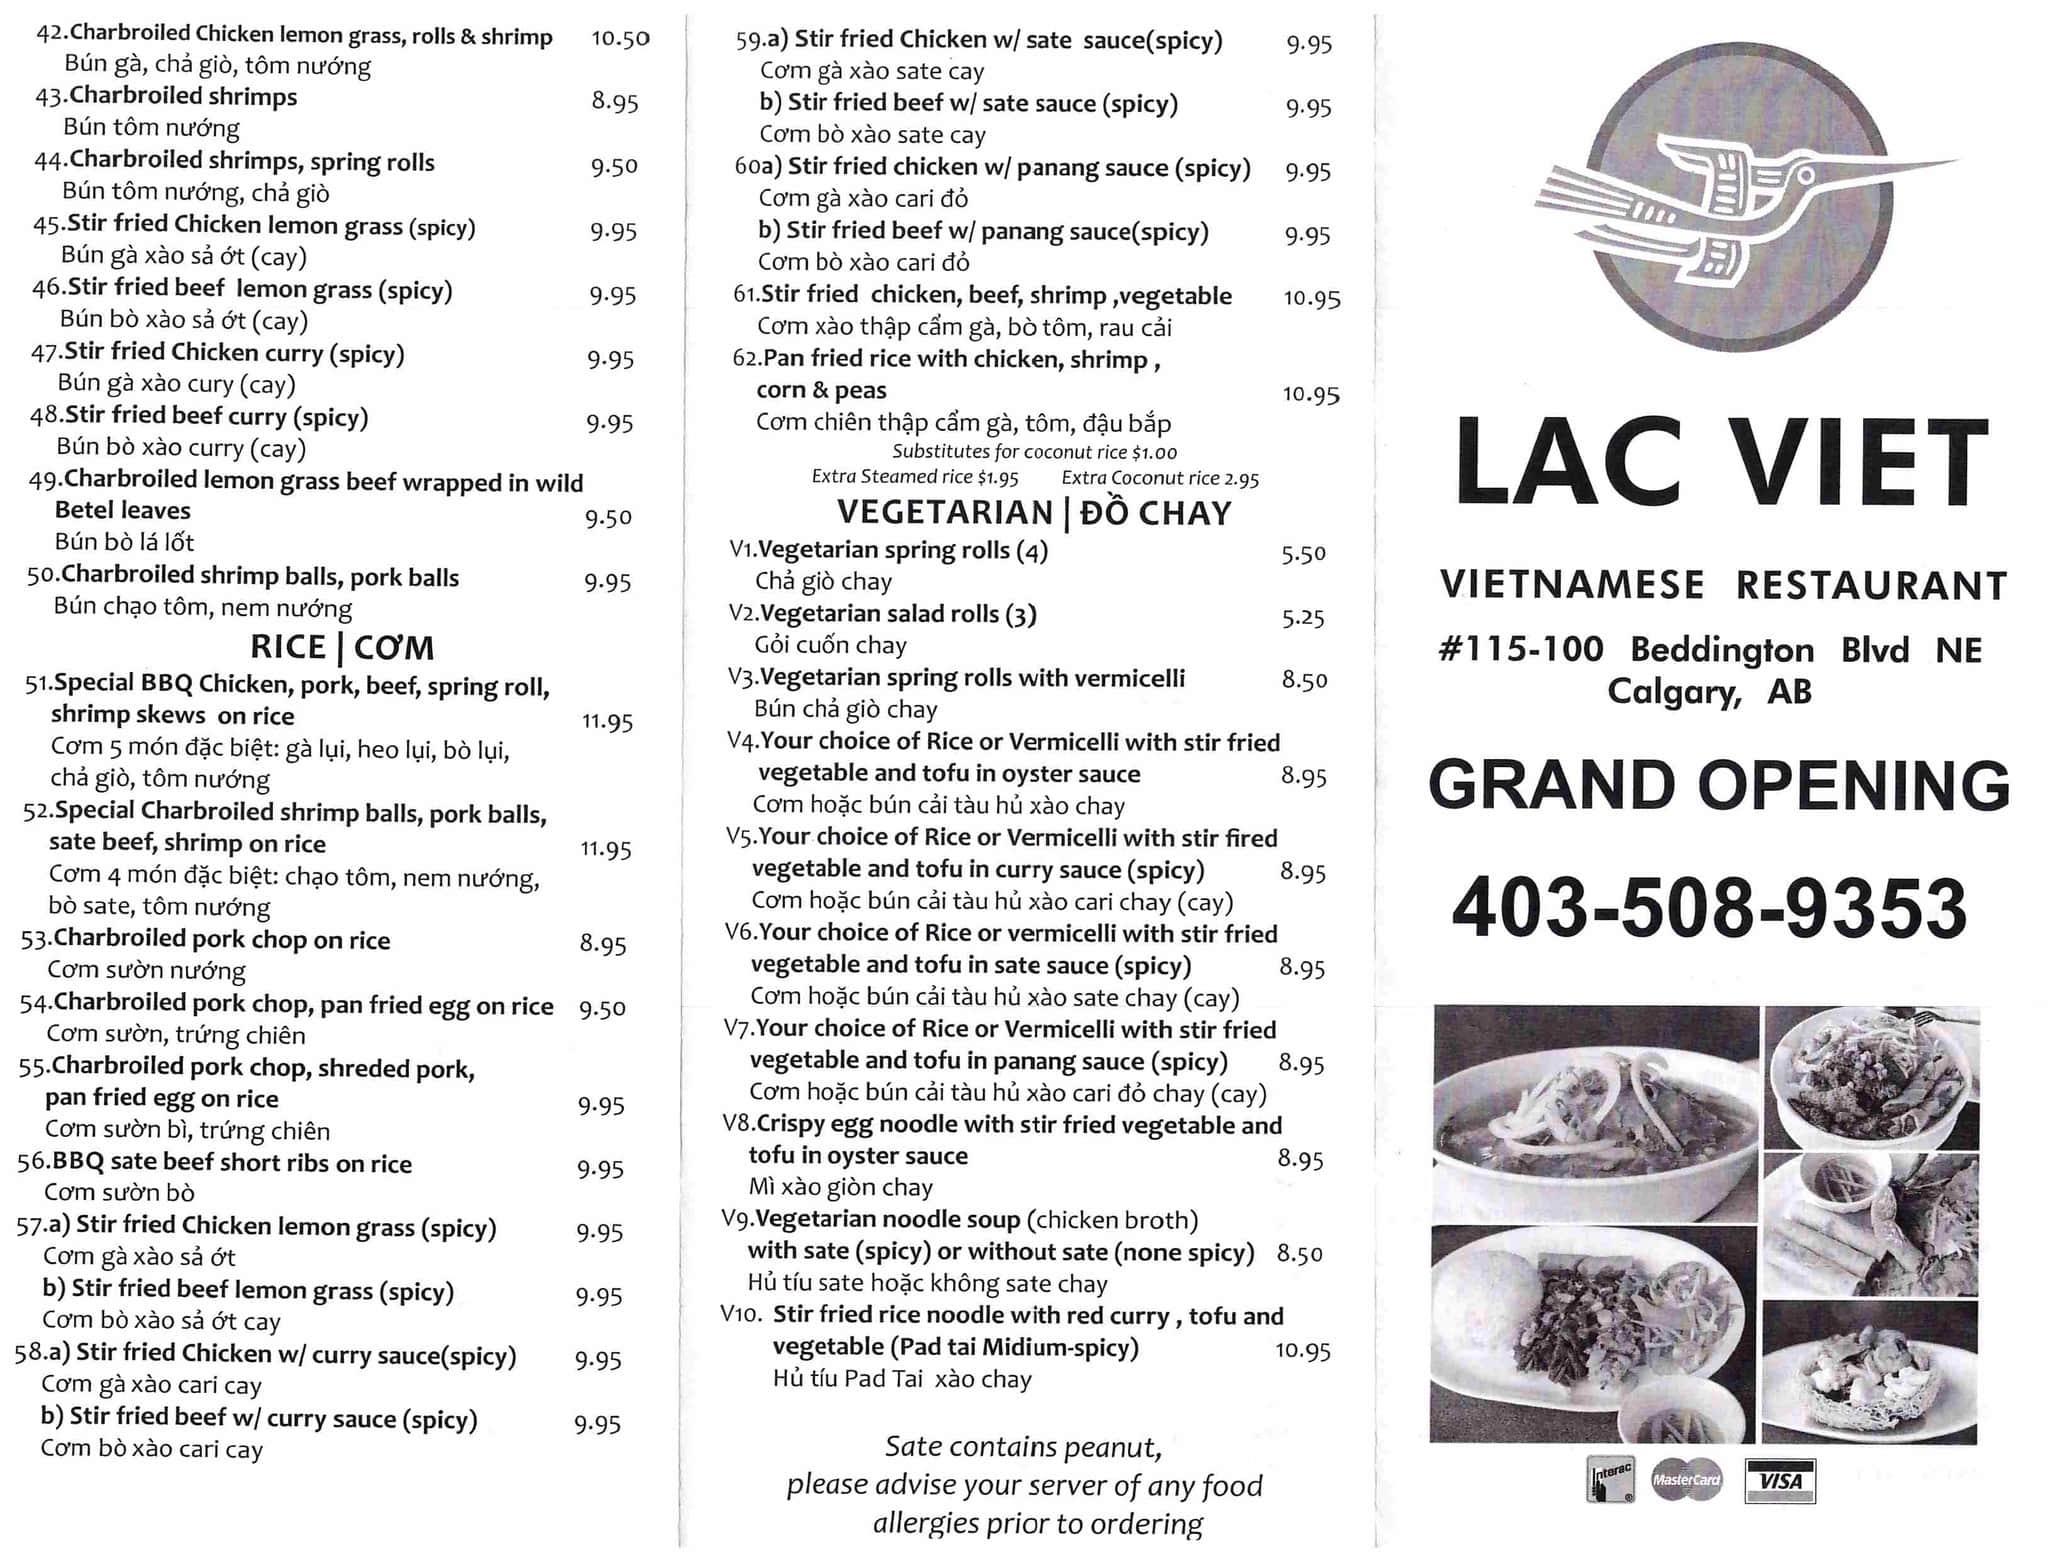 Lac Viet Vietnamese Restaurant Beddington Heights Menu